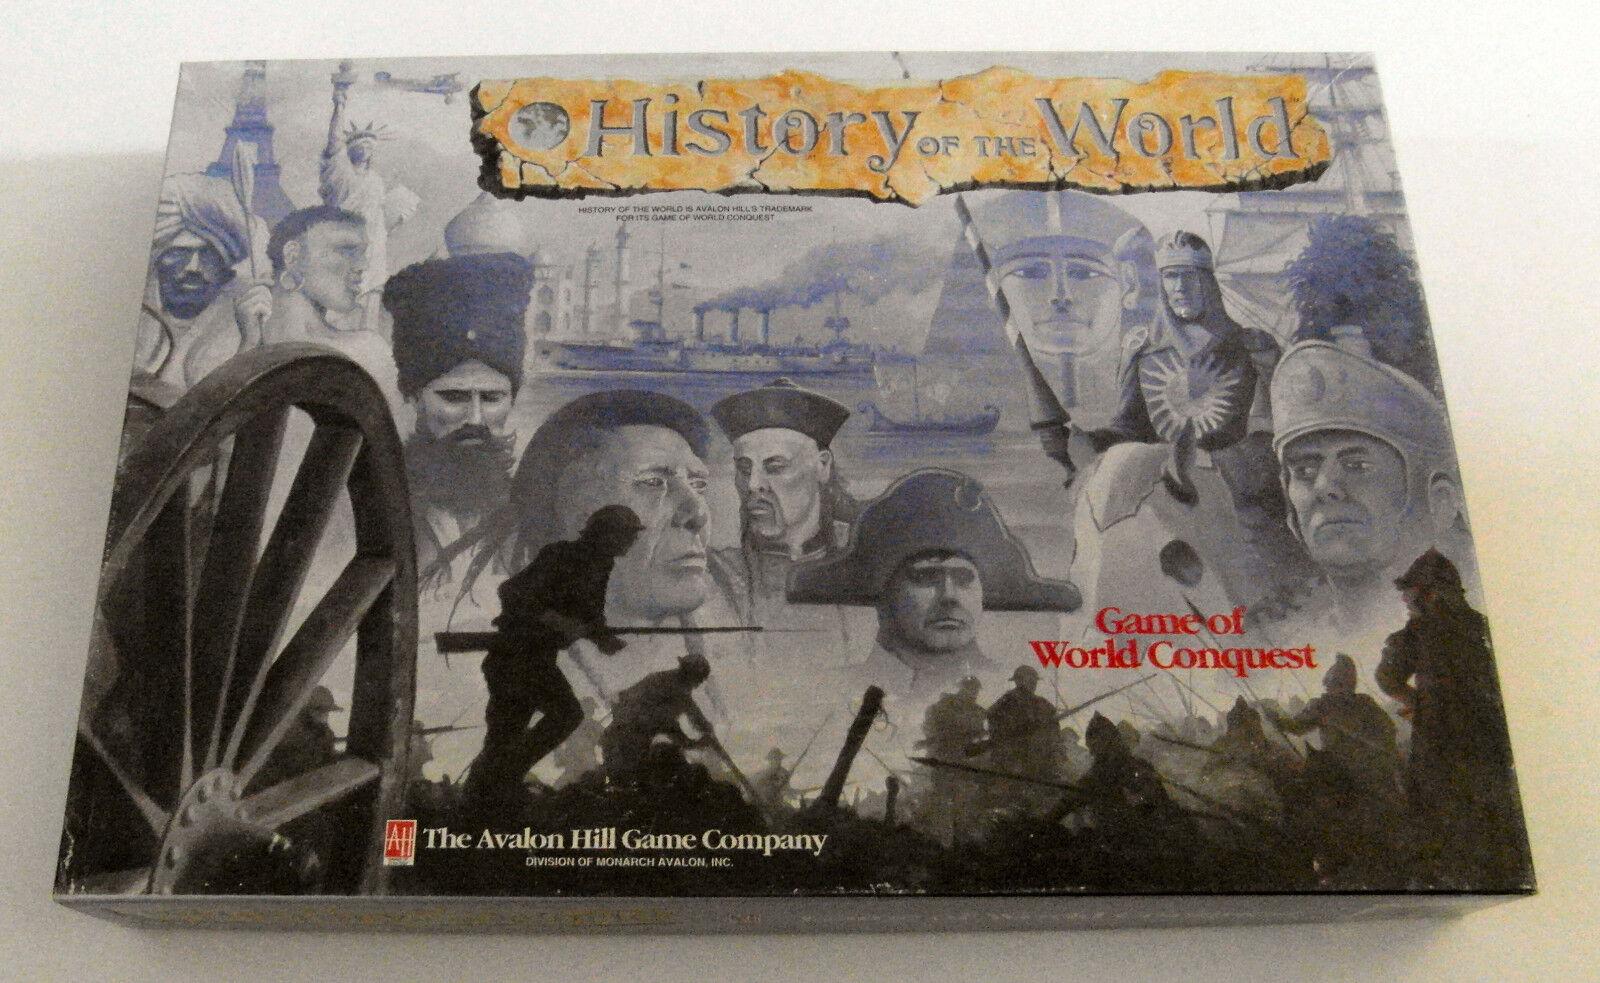 Maison neuve, satisfaite satisfaite satisfaite de la famille Histoire du monde-Avalon Hill - 1993 130bd6